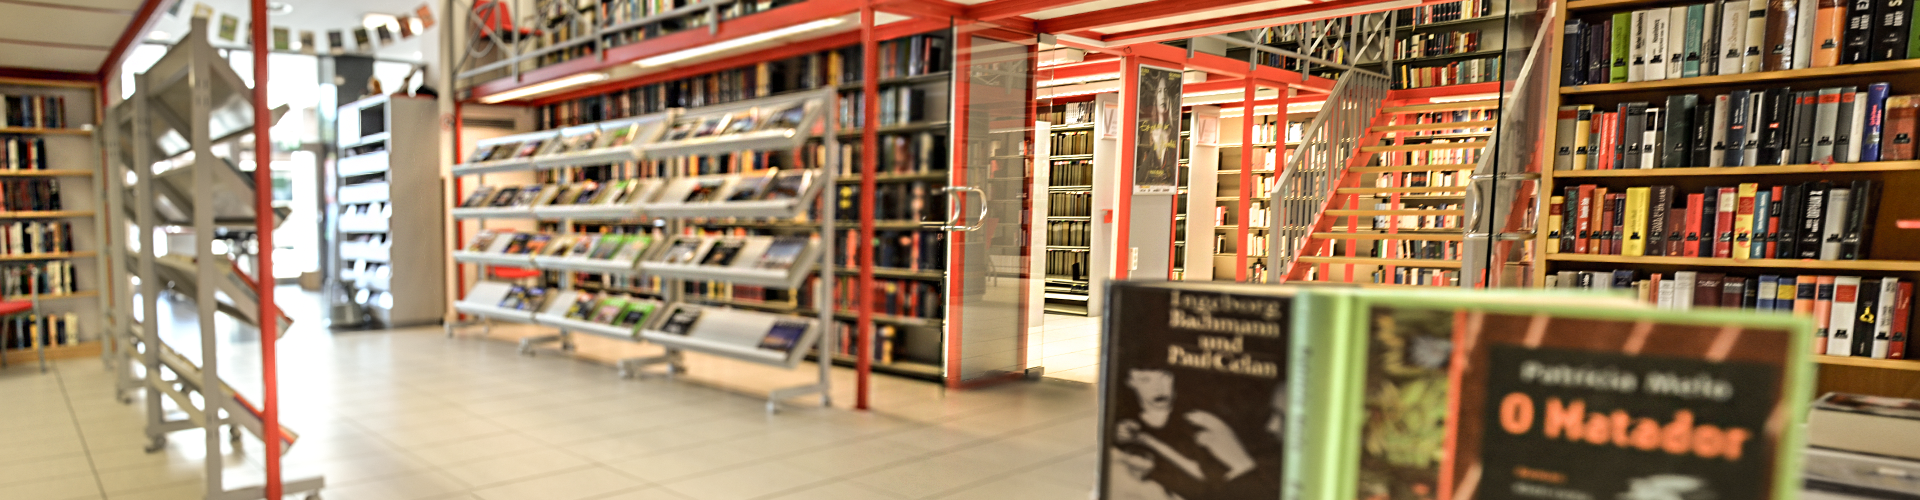 AK-Bibliothek Klagenfurt © Fasser, AK